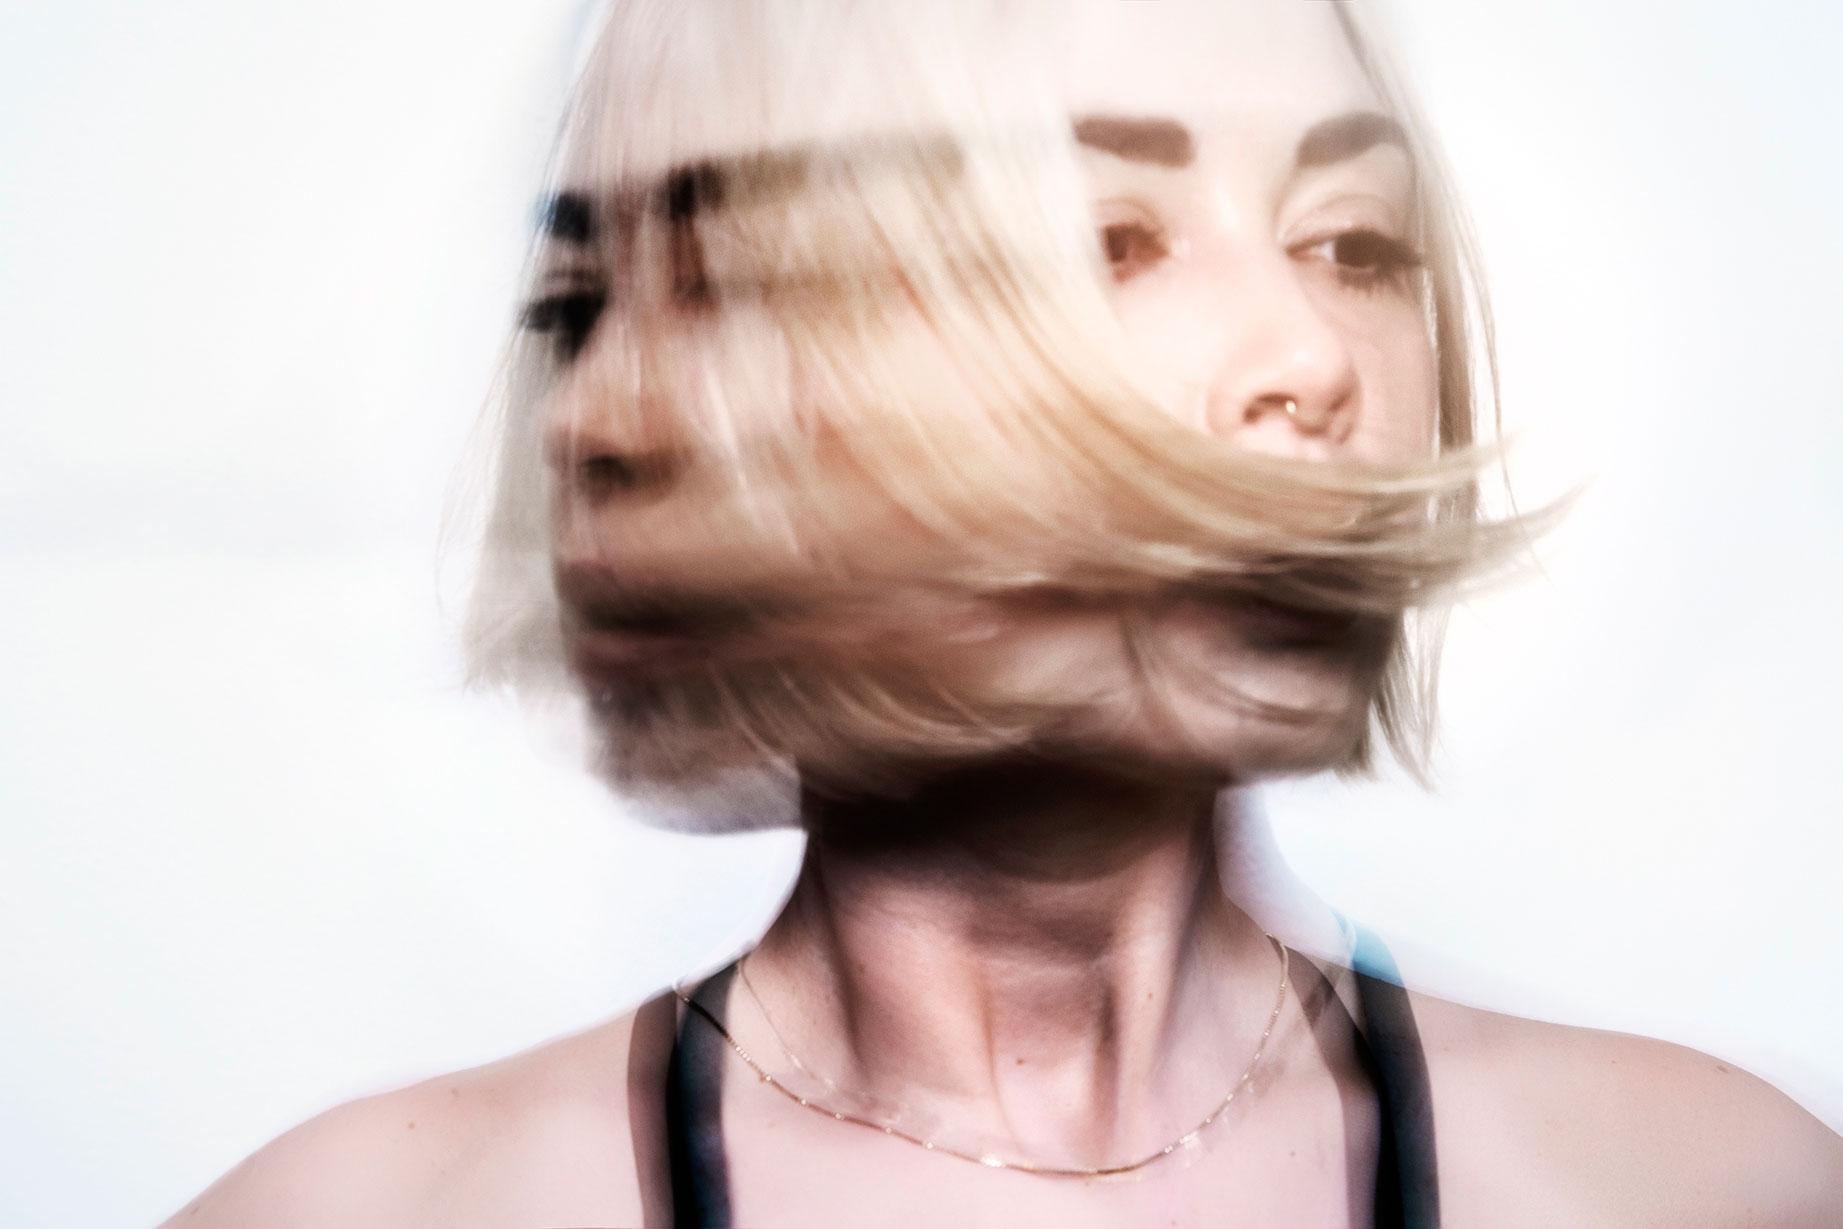 Picture by Hilde van Mas